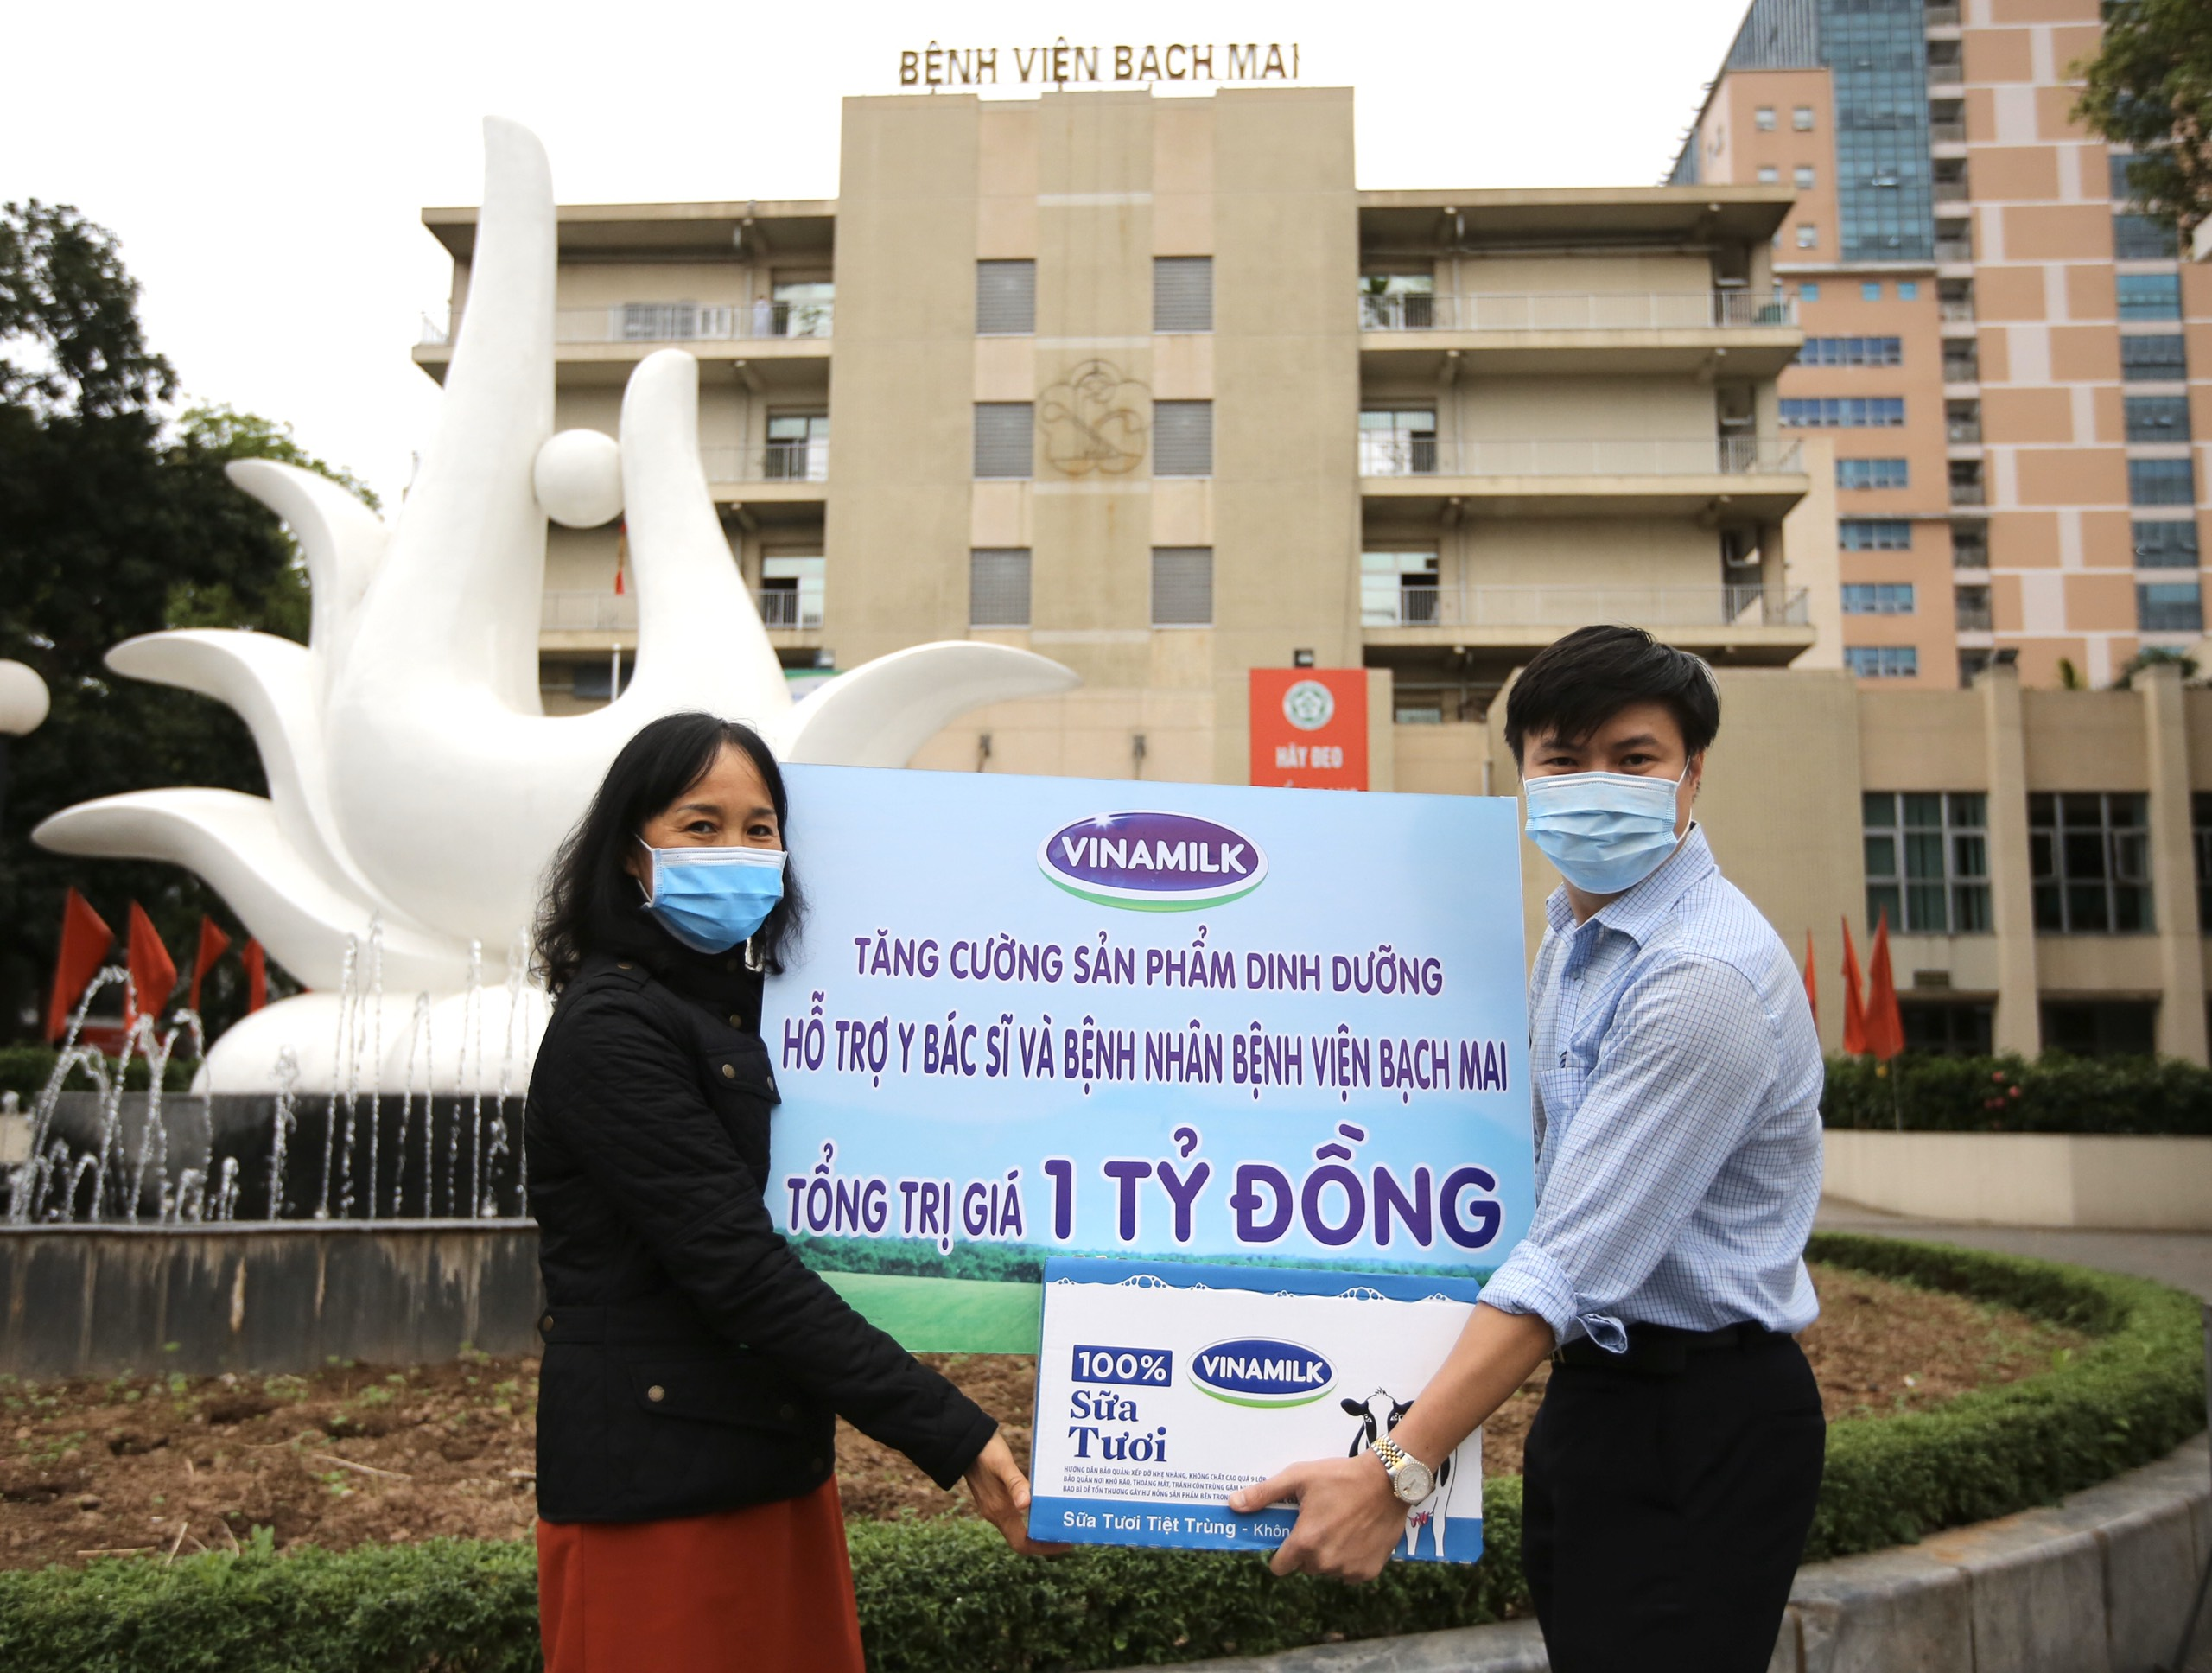 Các sản phẩm dinh dưỡng trị giá 1 tỷ đồng được Vinamilk trao tận tay Bệnh viện Bạch Mai ngày 31/3